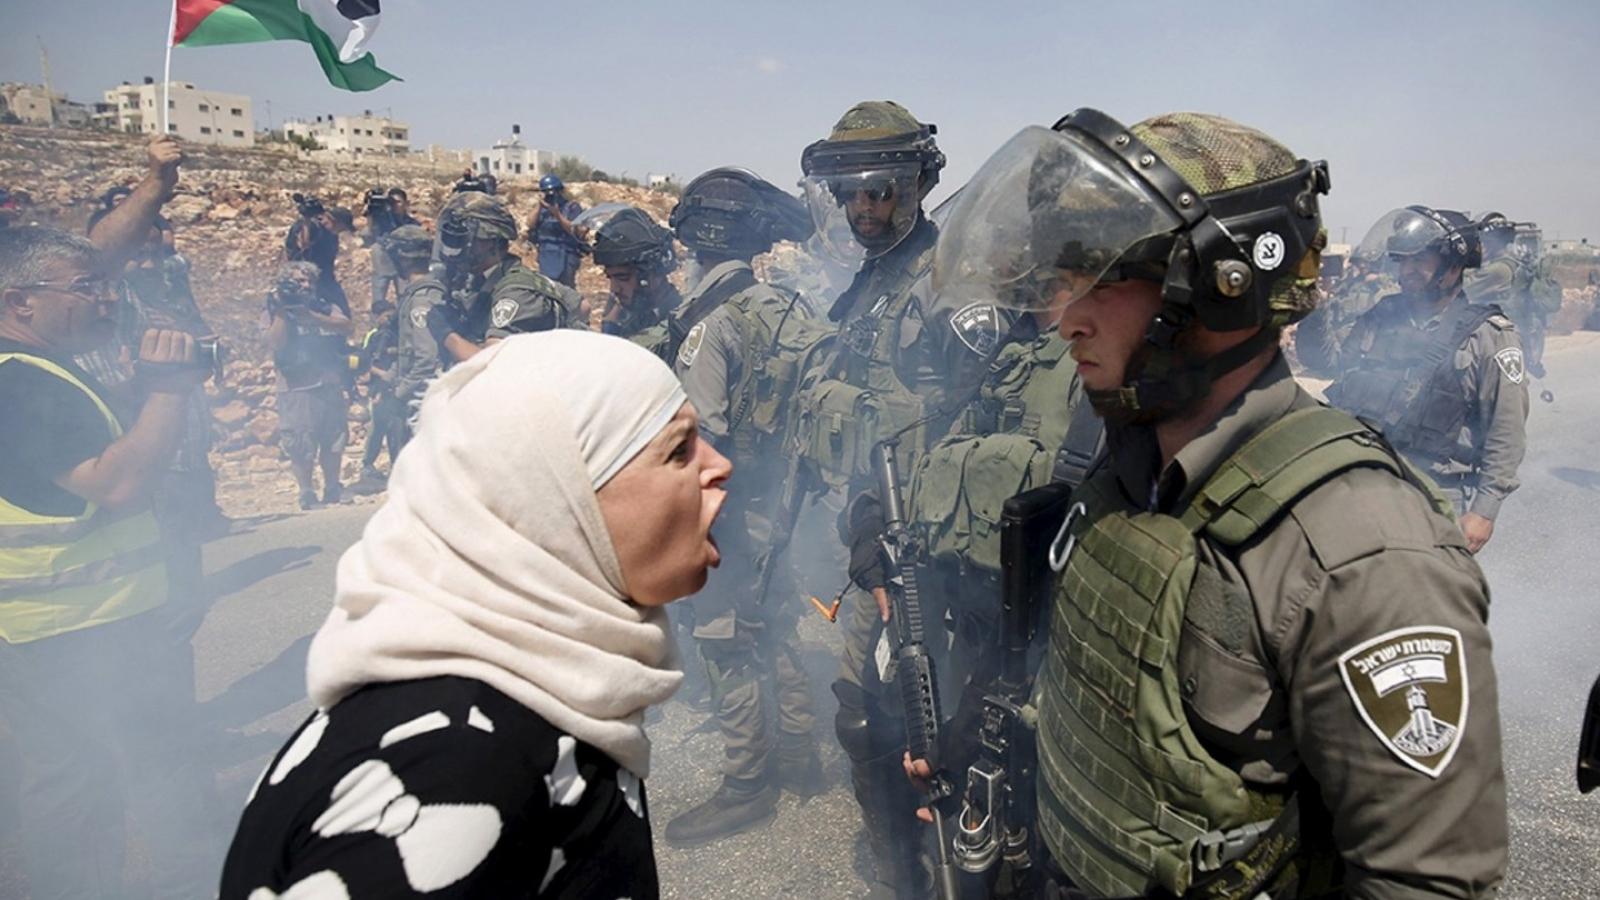 LHQ họp phiên thứ 3 trong tuần về xung đột ở Palestine trong khi Israel từ chối ngừng bắn